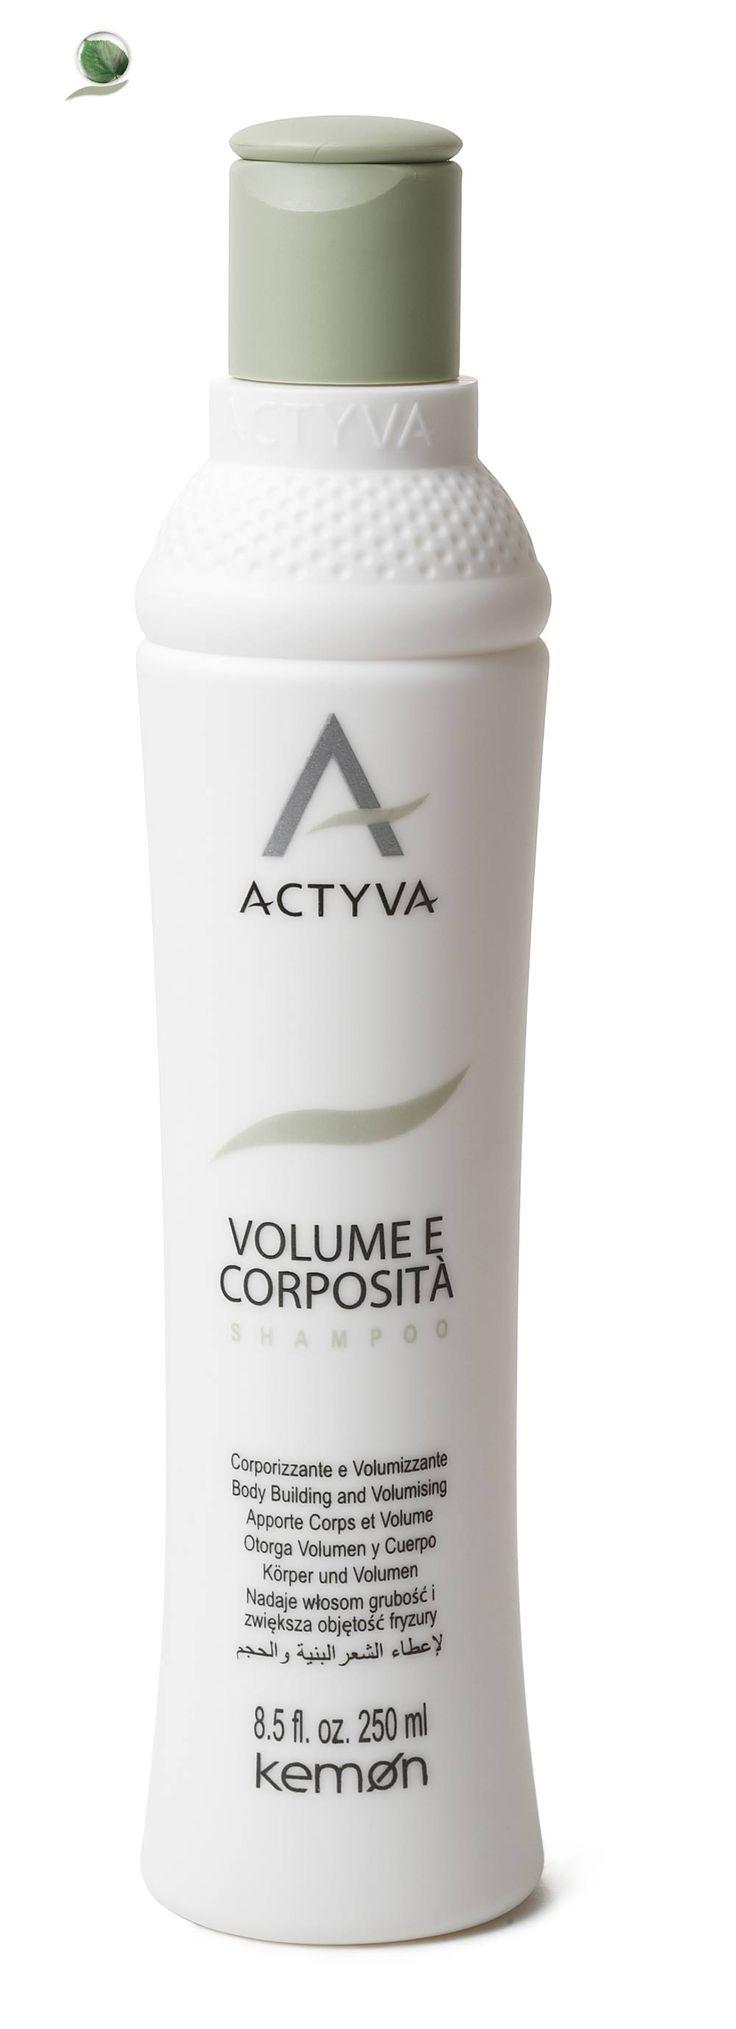 shampoing volume e corposita pour cheveux fins sans slssles non test sur les animaux - Shampoing Qui Colore Les Cheveux